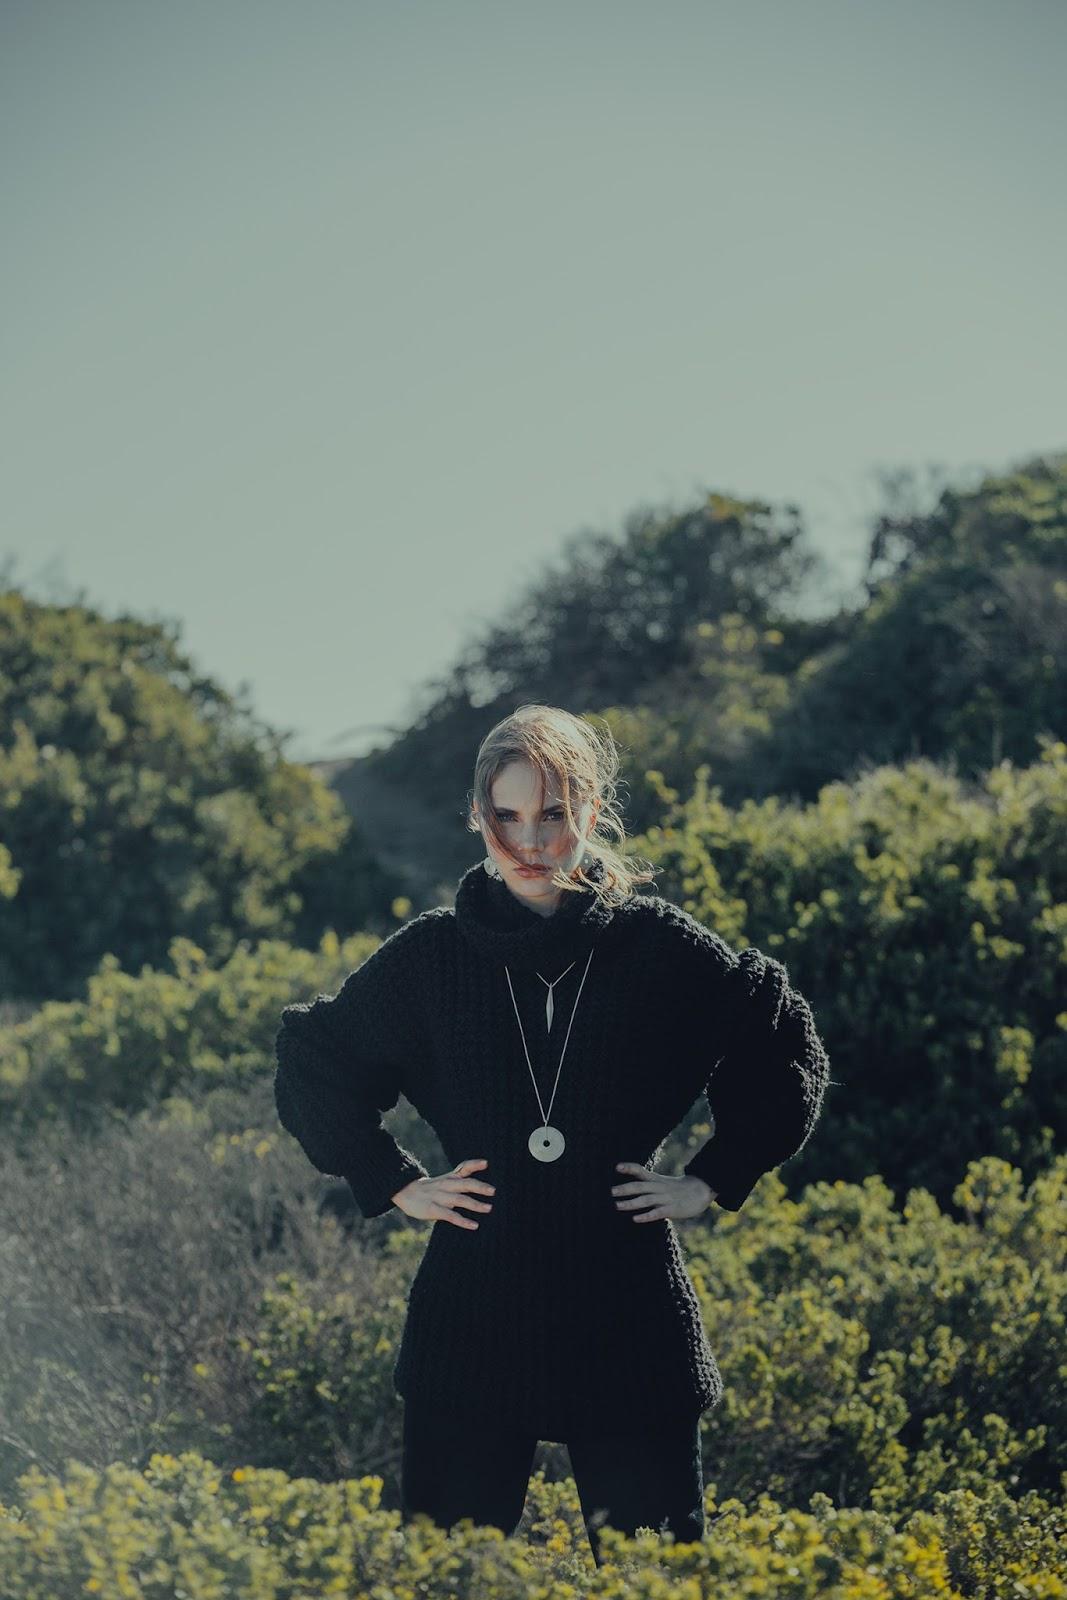 Amaltea Presenta Su Joyas Eihwaz Rescate Vikingo Quinta Trends  # Muebles Vikingos La Serena